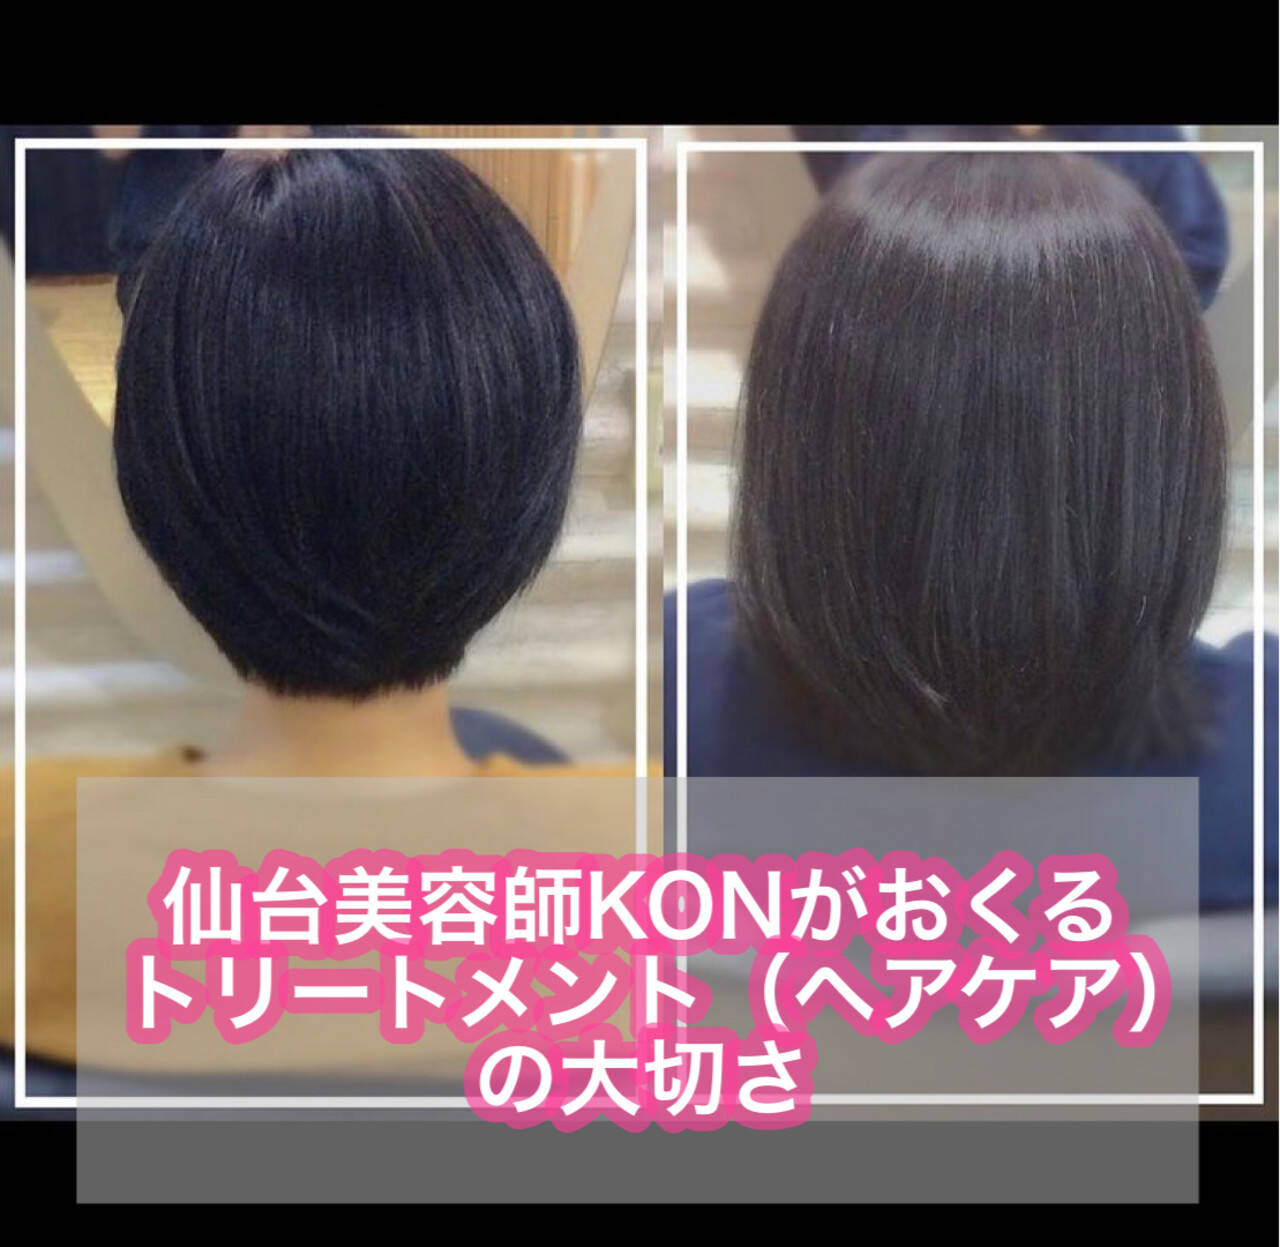 ナチュラル 髪質改善トリートメント ショートボブ ミニボブヘアスタイルや髪型の写真・画像